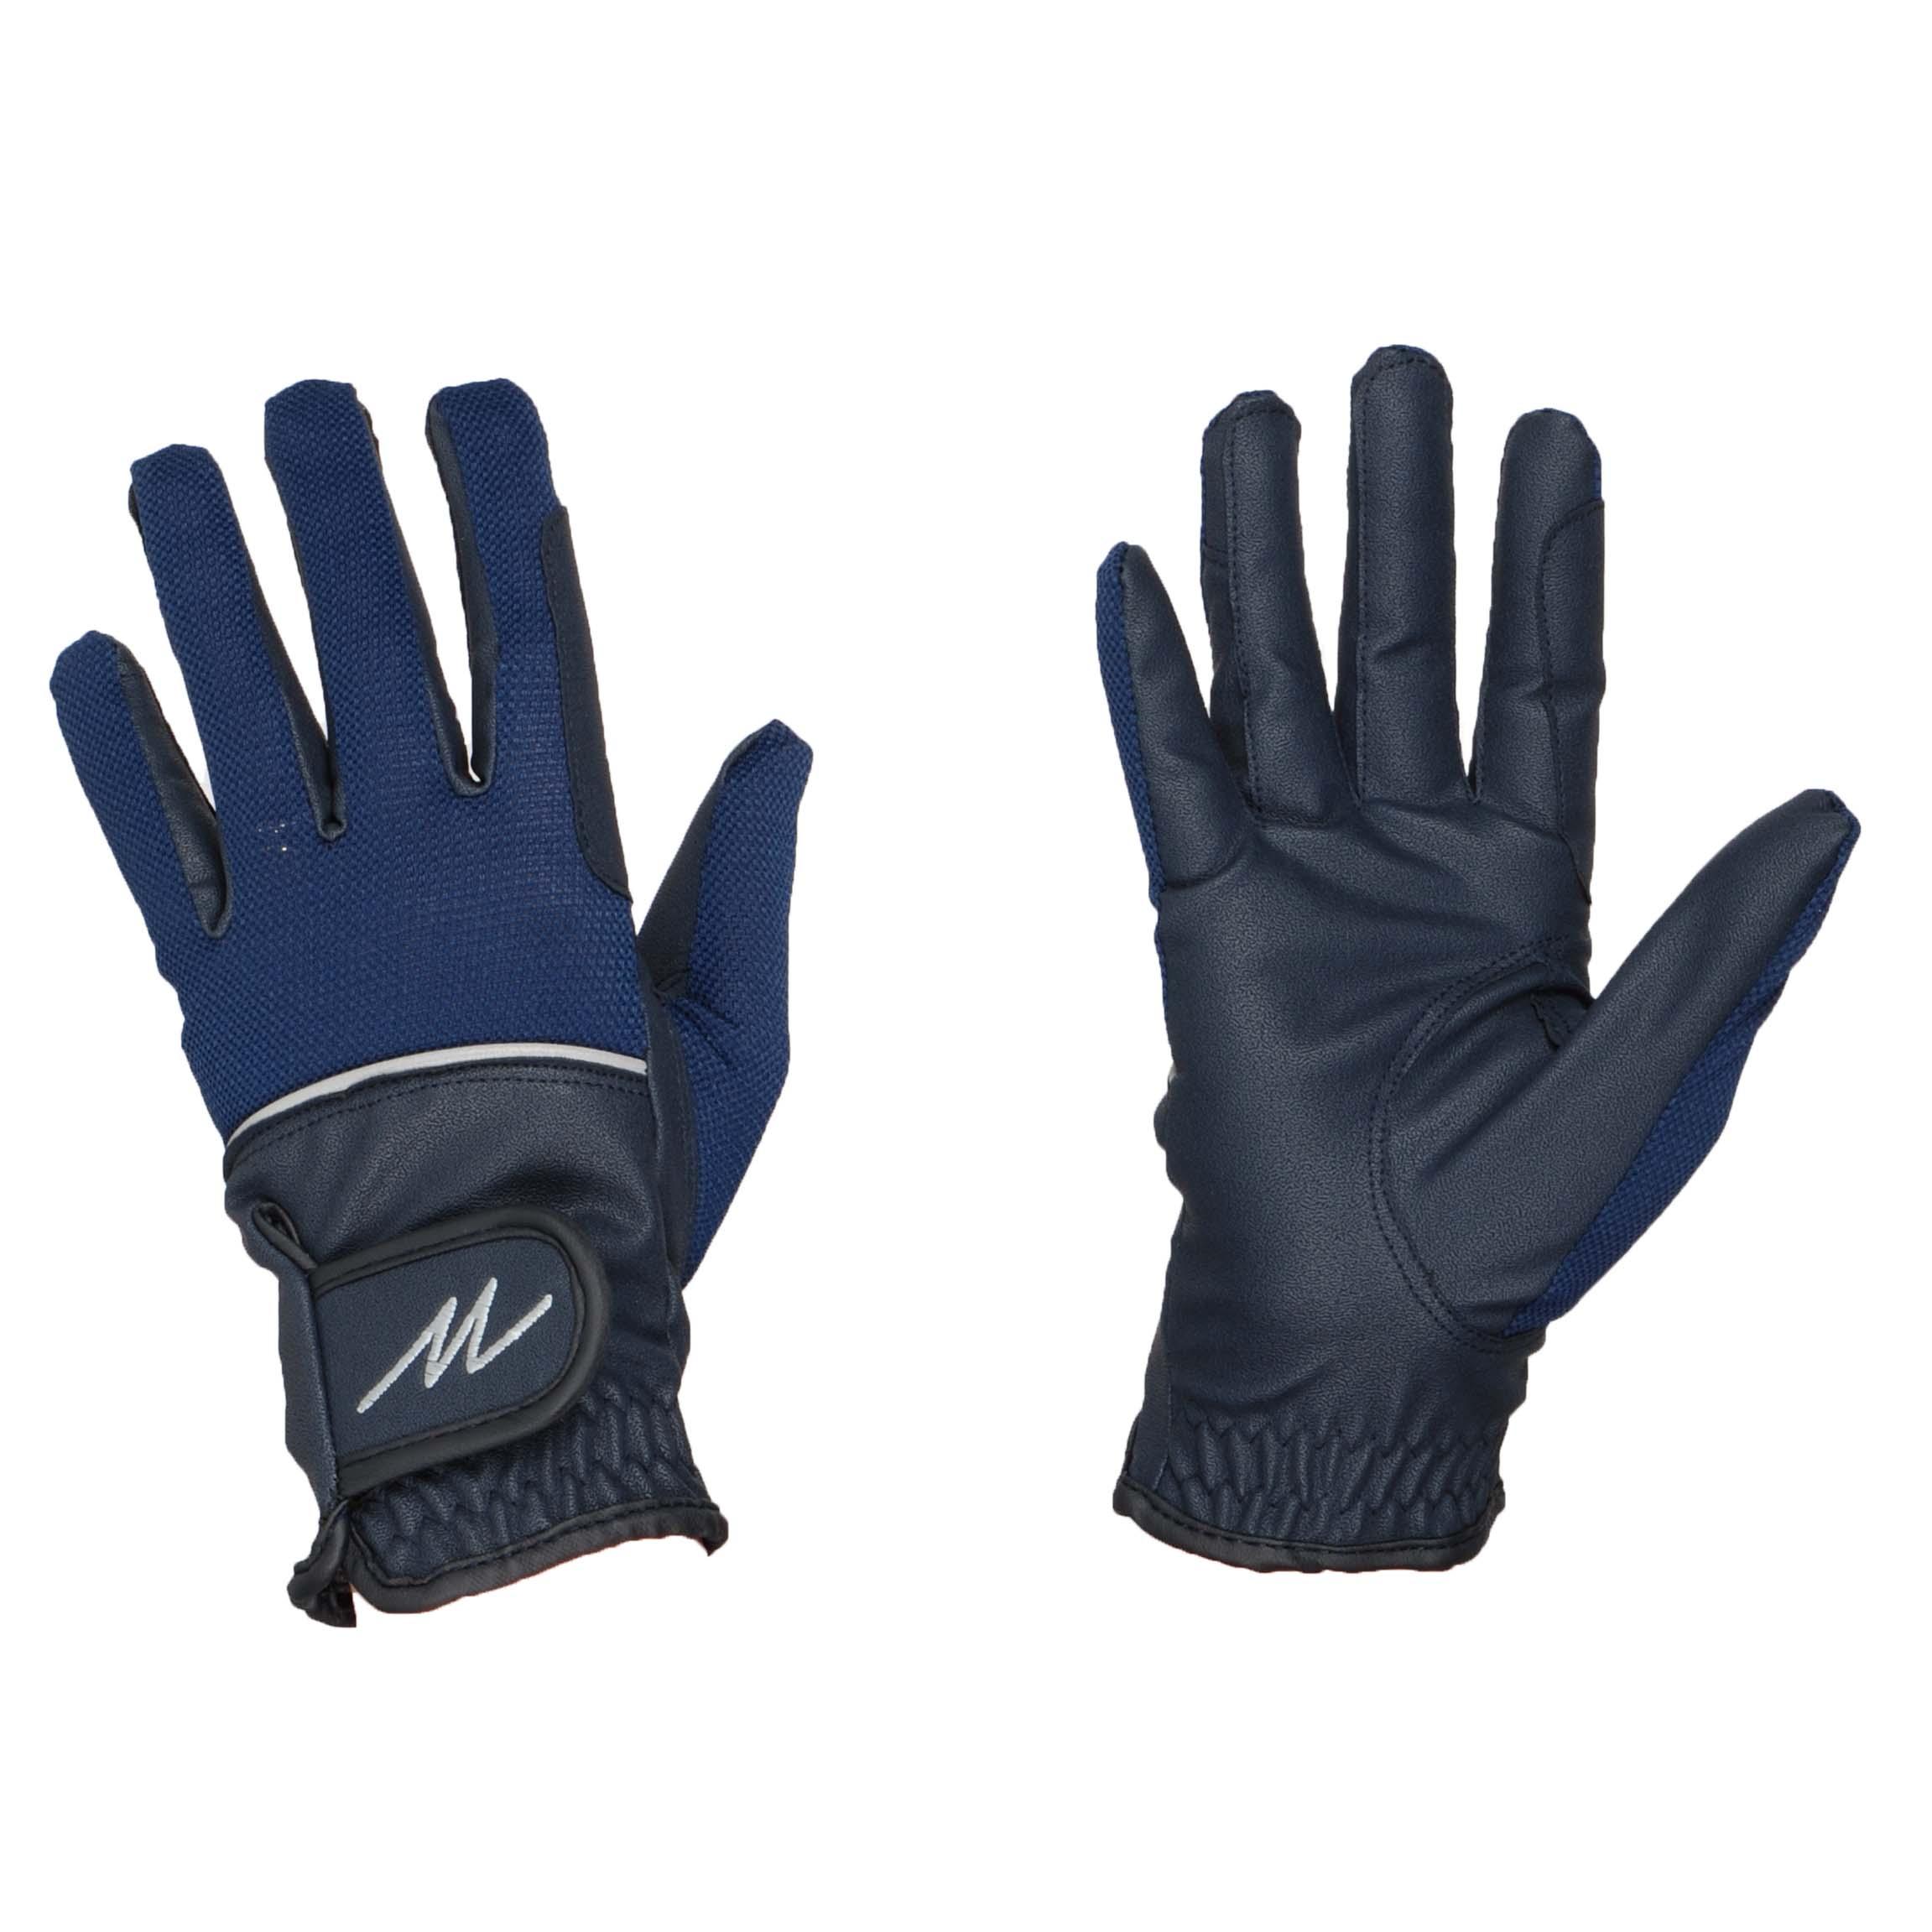 Mondoni Mendoza handschoenen donkerblauw maat:xs